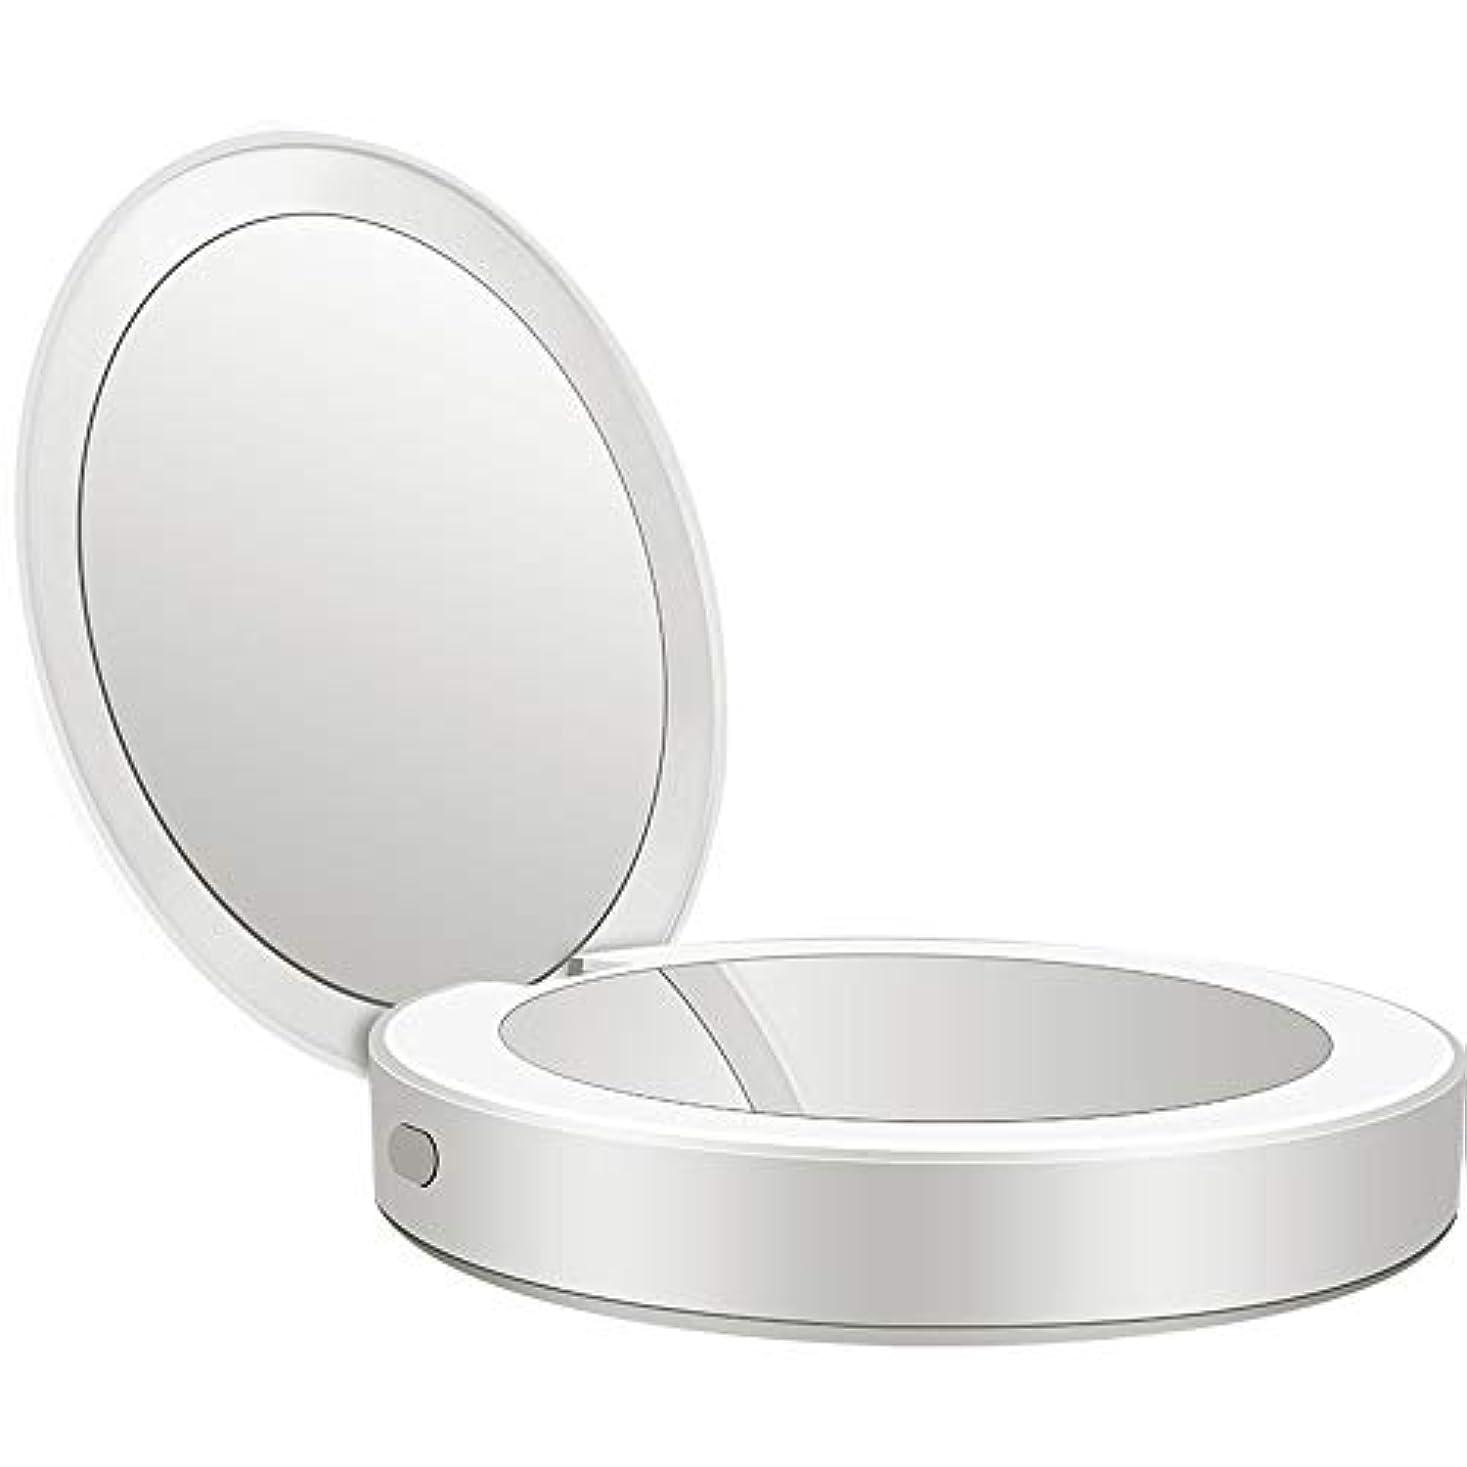 熟練したブランク事実流行の 新しい多機能ポータブル折りたたみLEDライト化粧鏡フィルライト充電宝物鏡ABS素材ギフトギフトライト充電虫眼鏡 (色 : Silver)